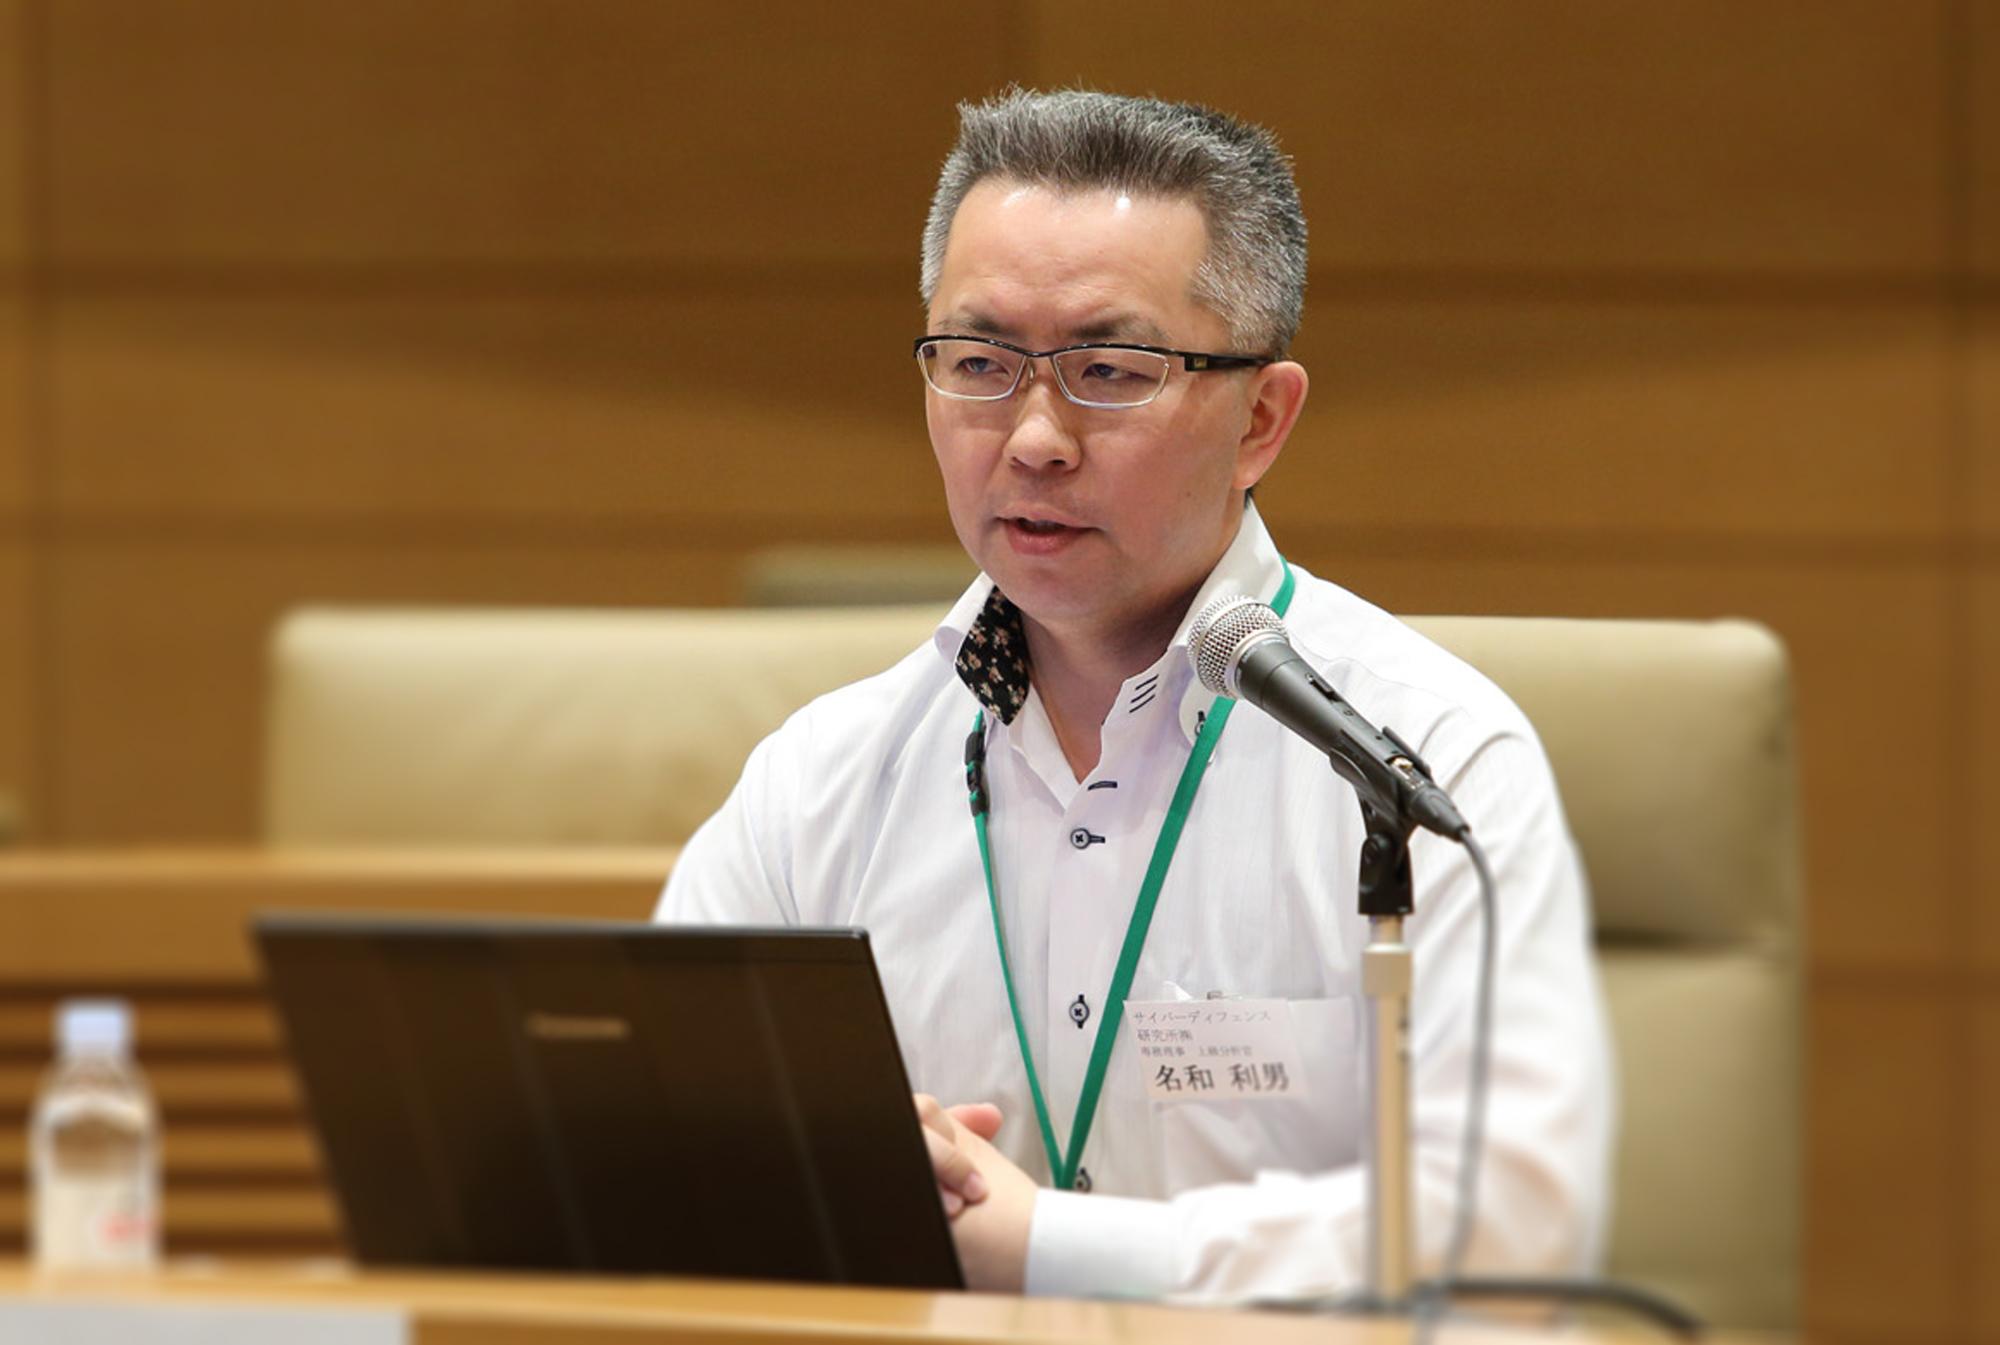 名和利男 日本の医療の未来を考える会